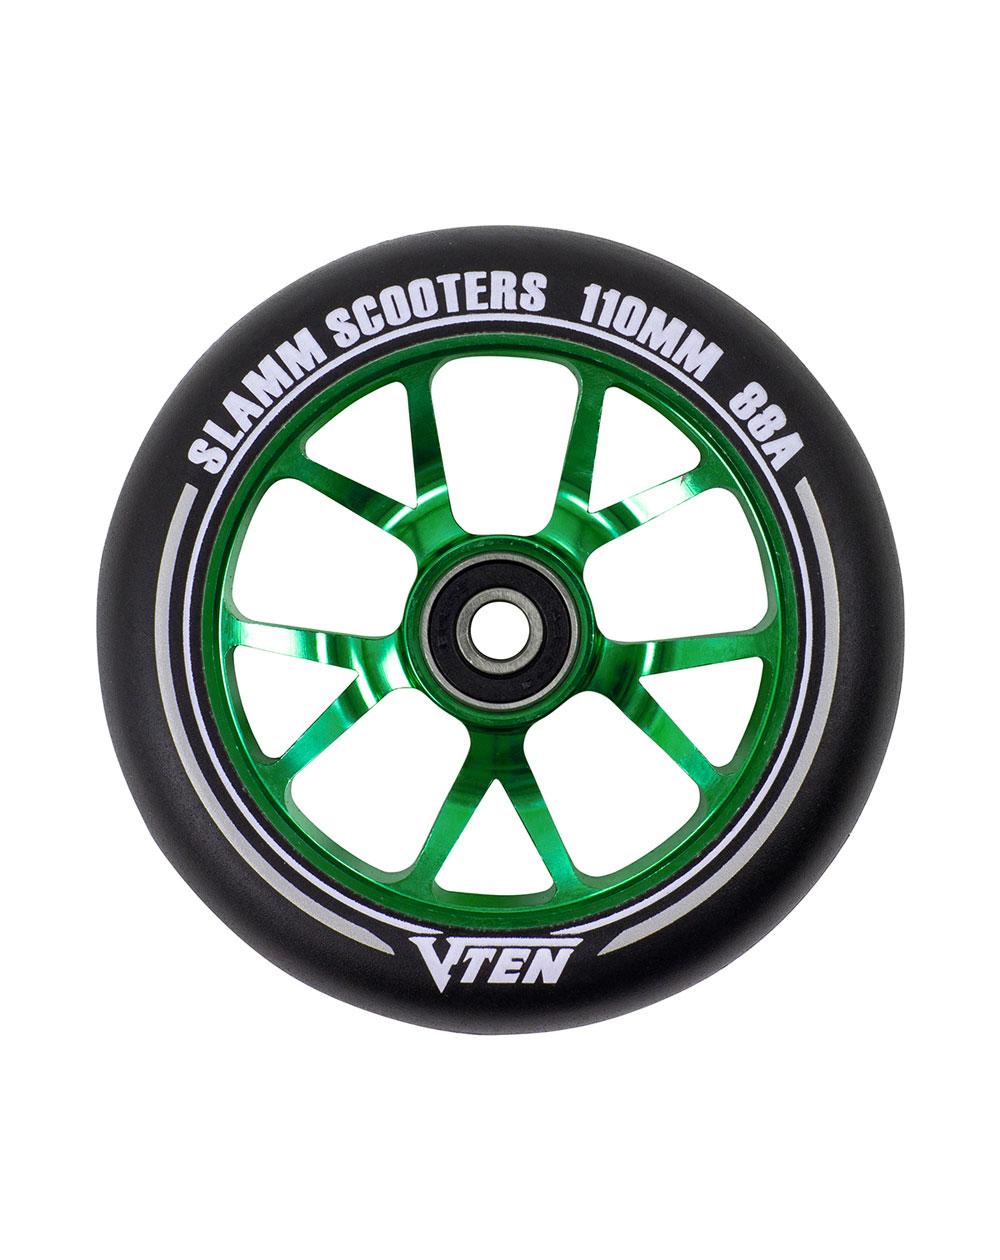 Slamm Scooters Roue Trottinette V-Ten II 110mm Green